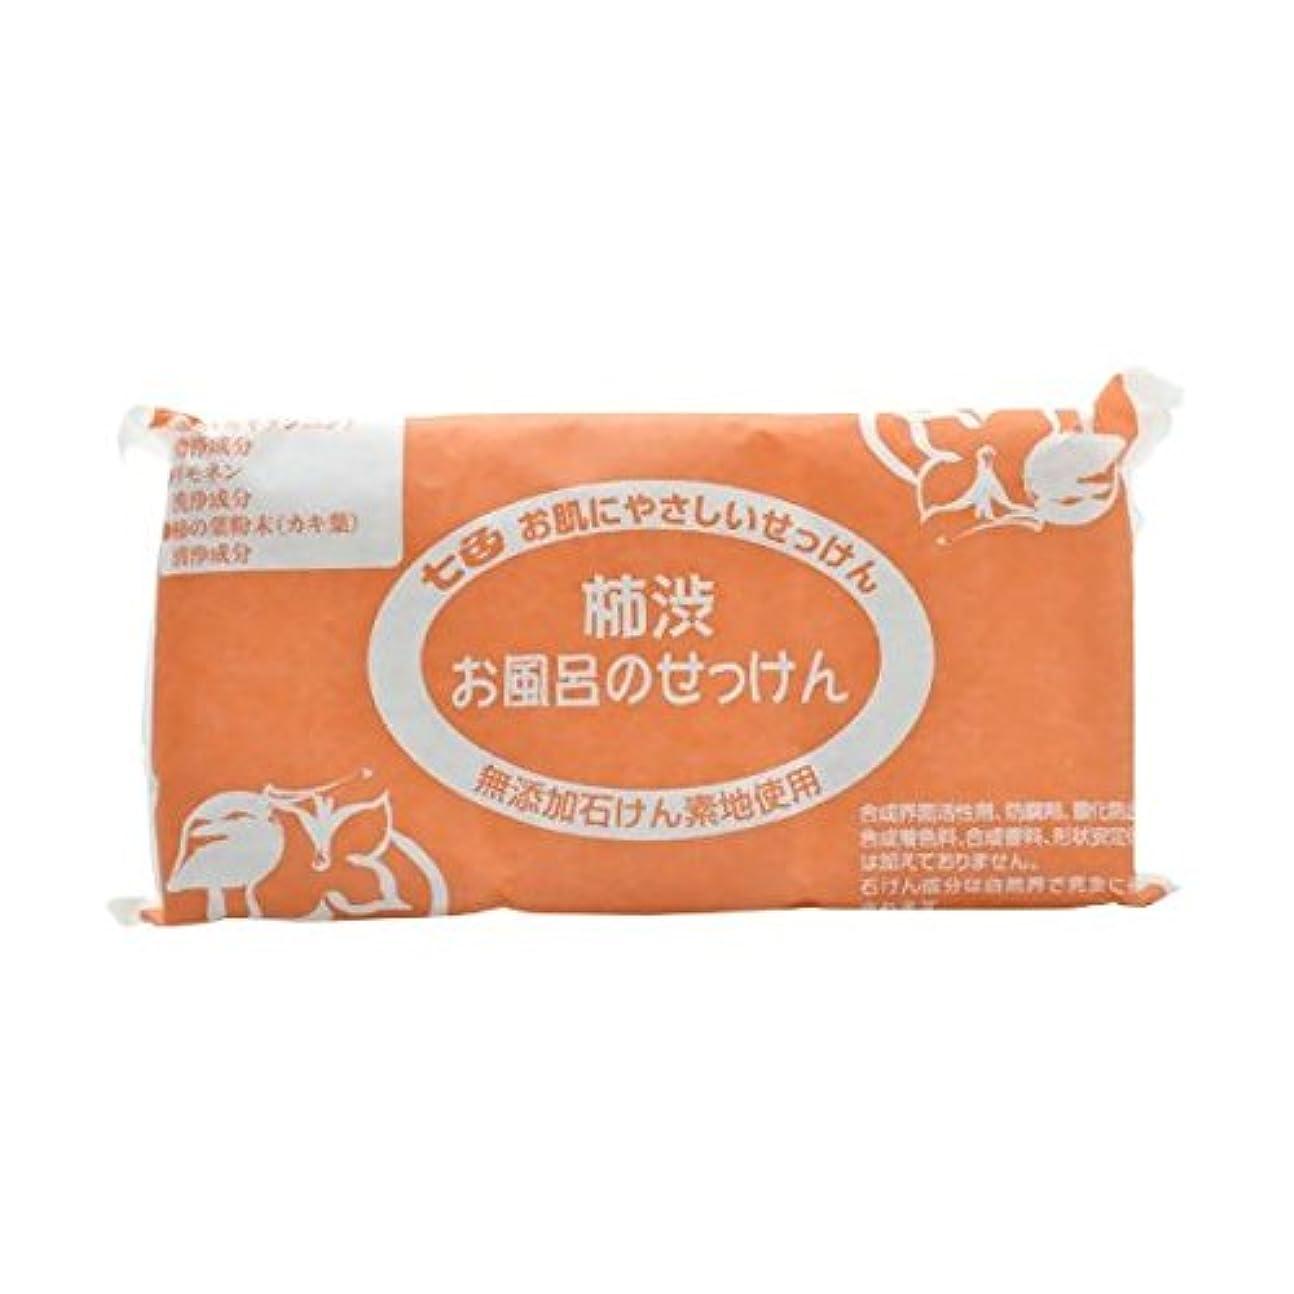 着替える異常アボート(まとめ買い)七色 お風呂のせっけん 柿渋(無添加石鹸) 100g×3個入×9セット